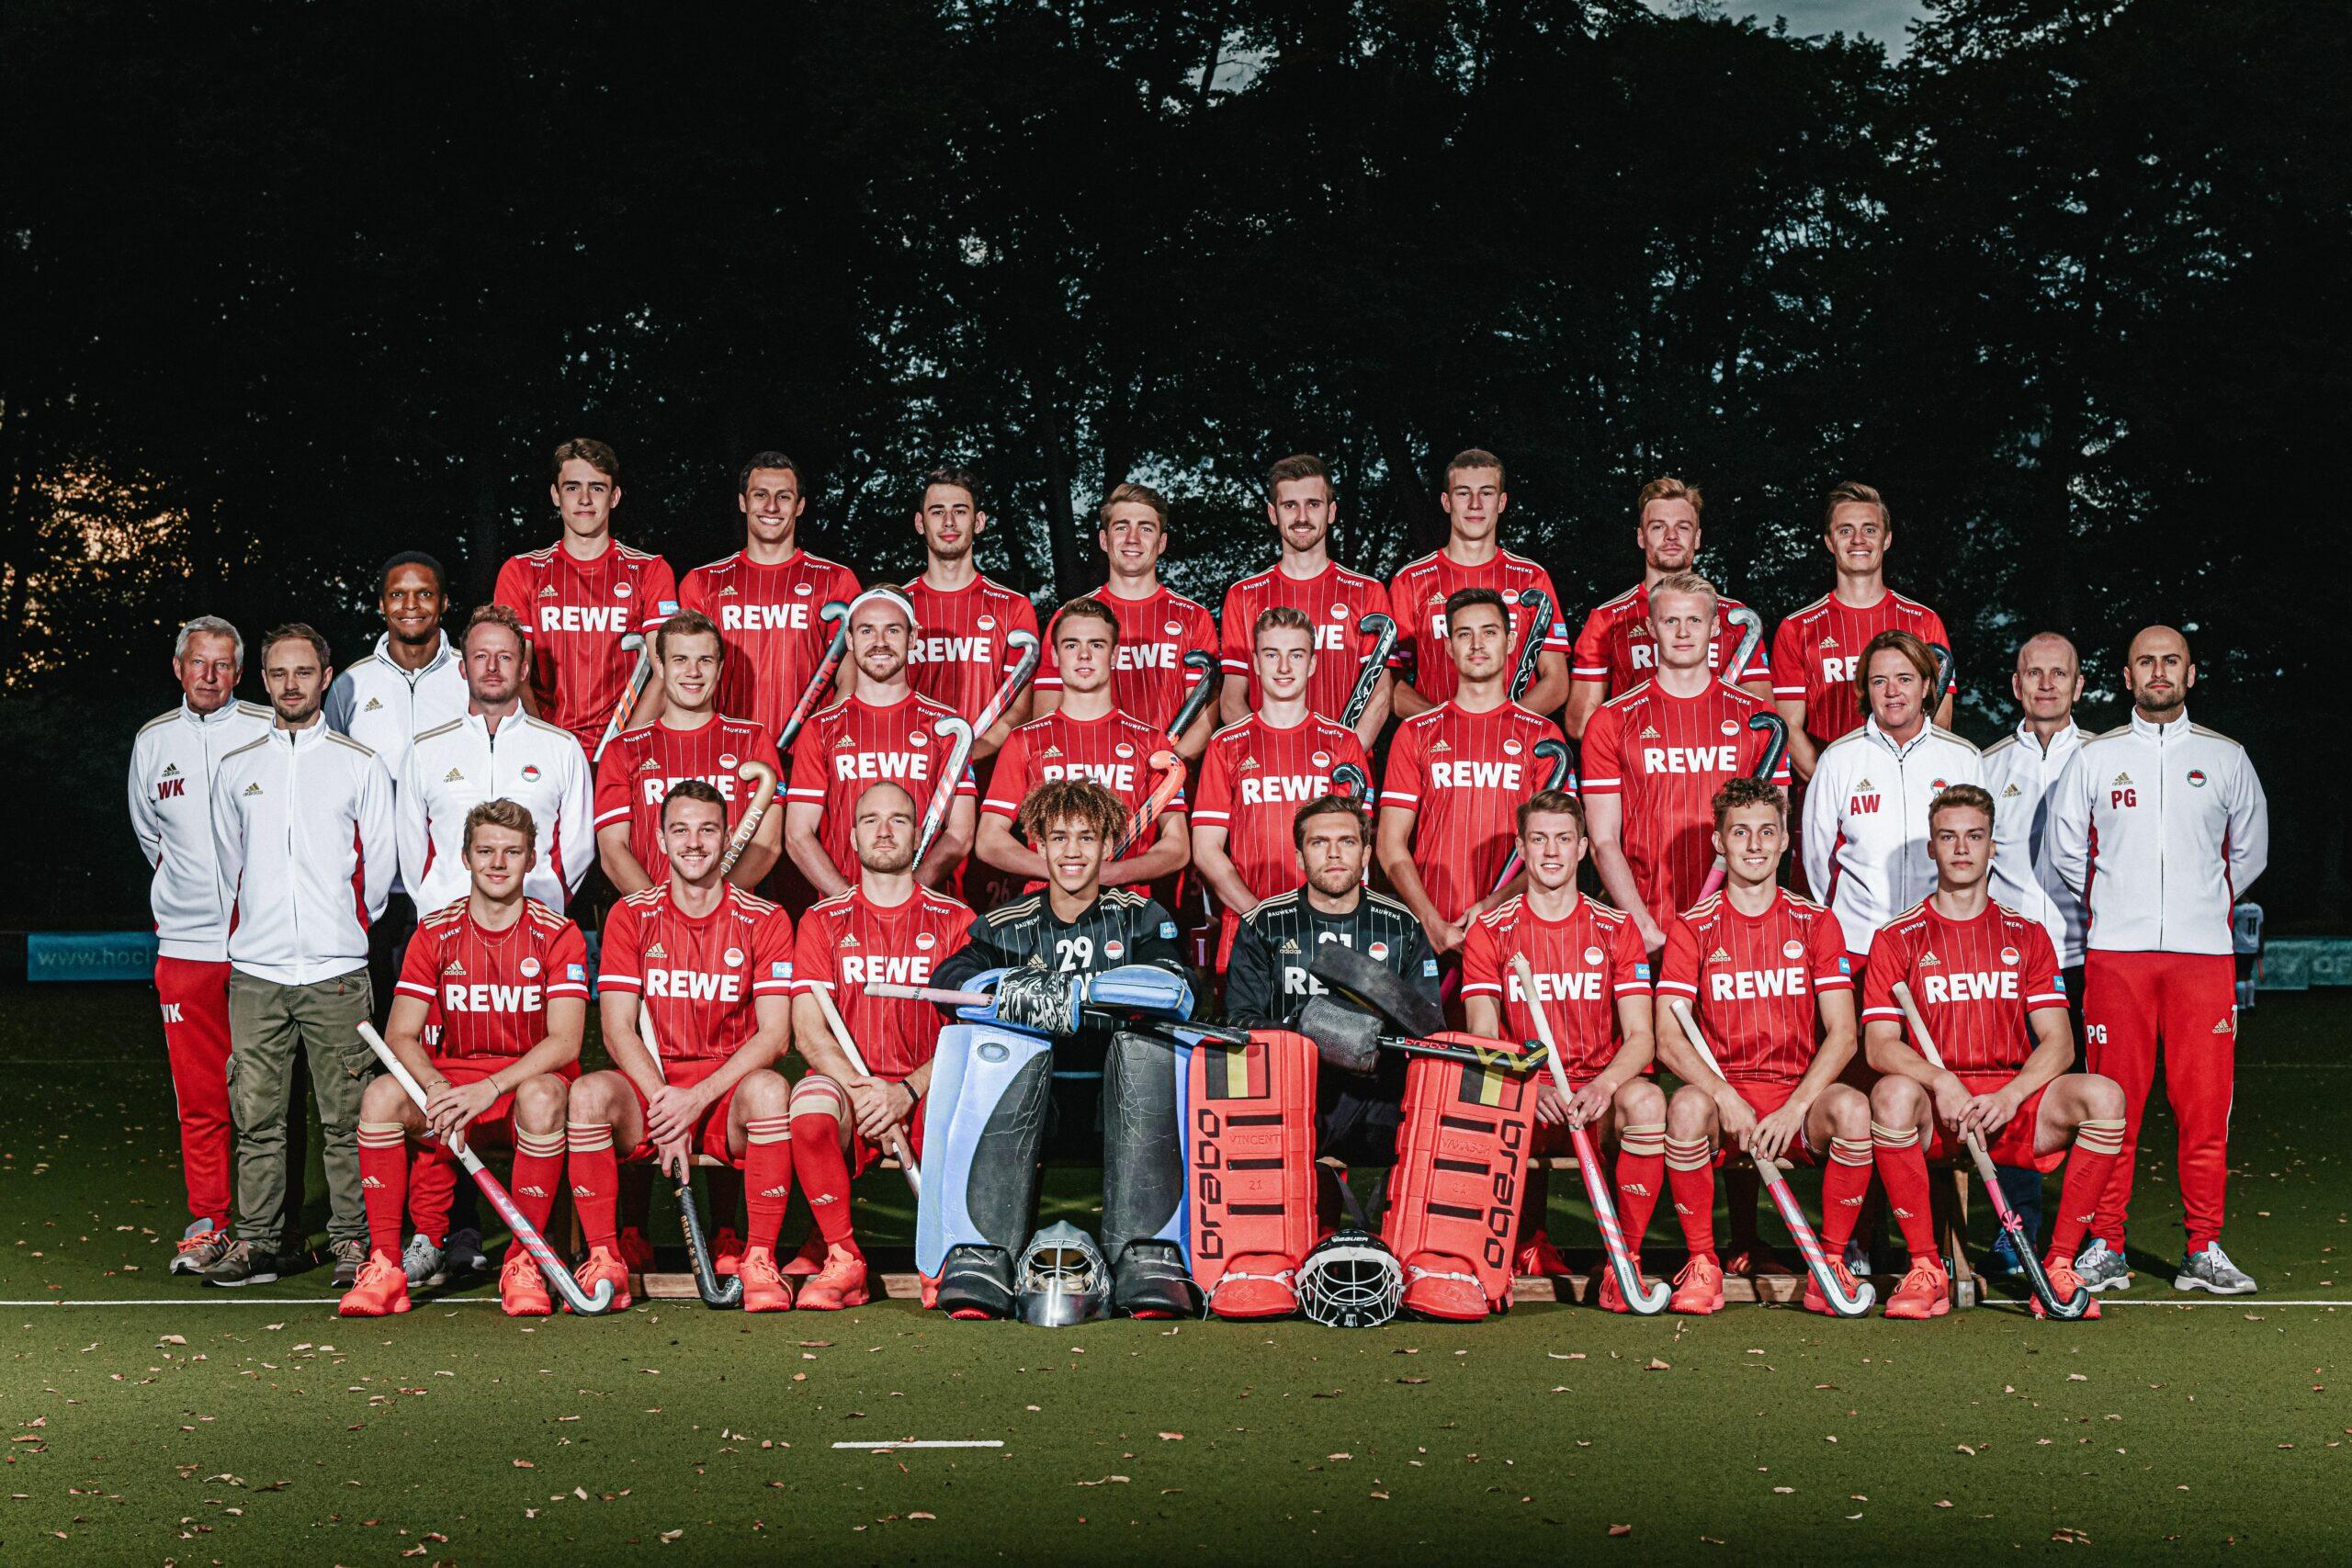 HTHC-Herren und Rot-Weiss Köln trennen sich remis